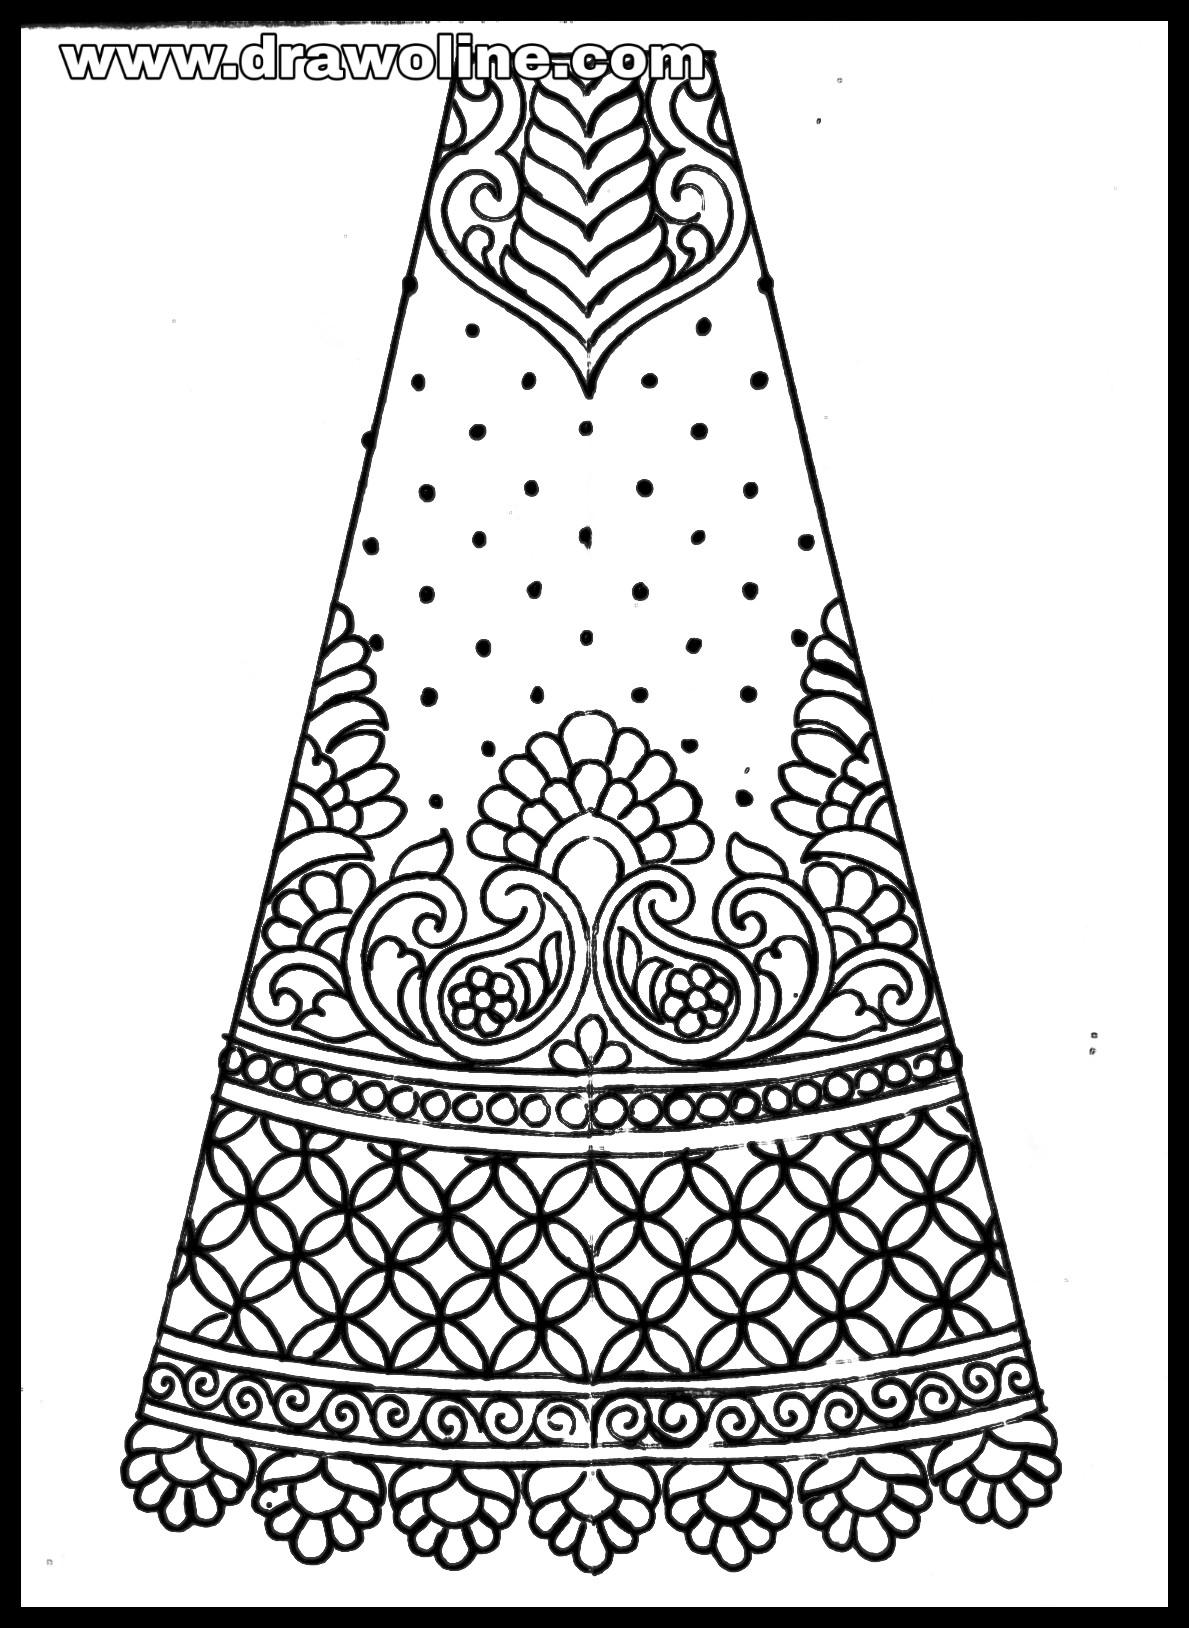 Lehenga Sketch With Images Lehenga Fashion Illustration Designer Lehenga Sketch Of Embroidery Lehenga